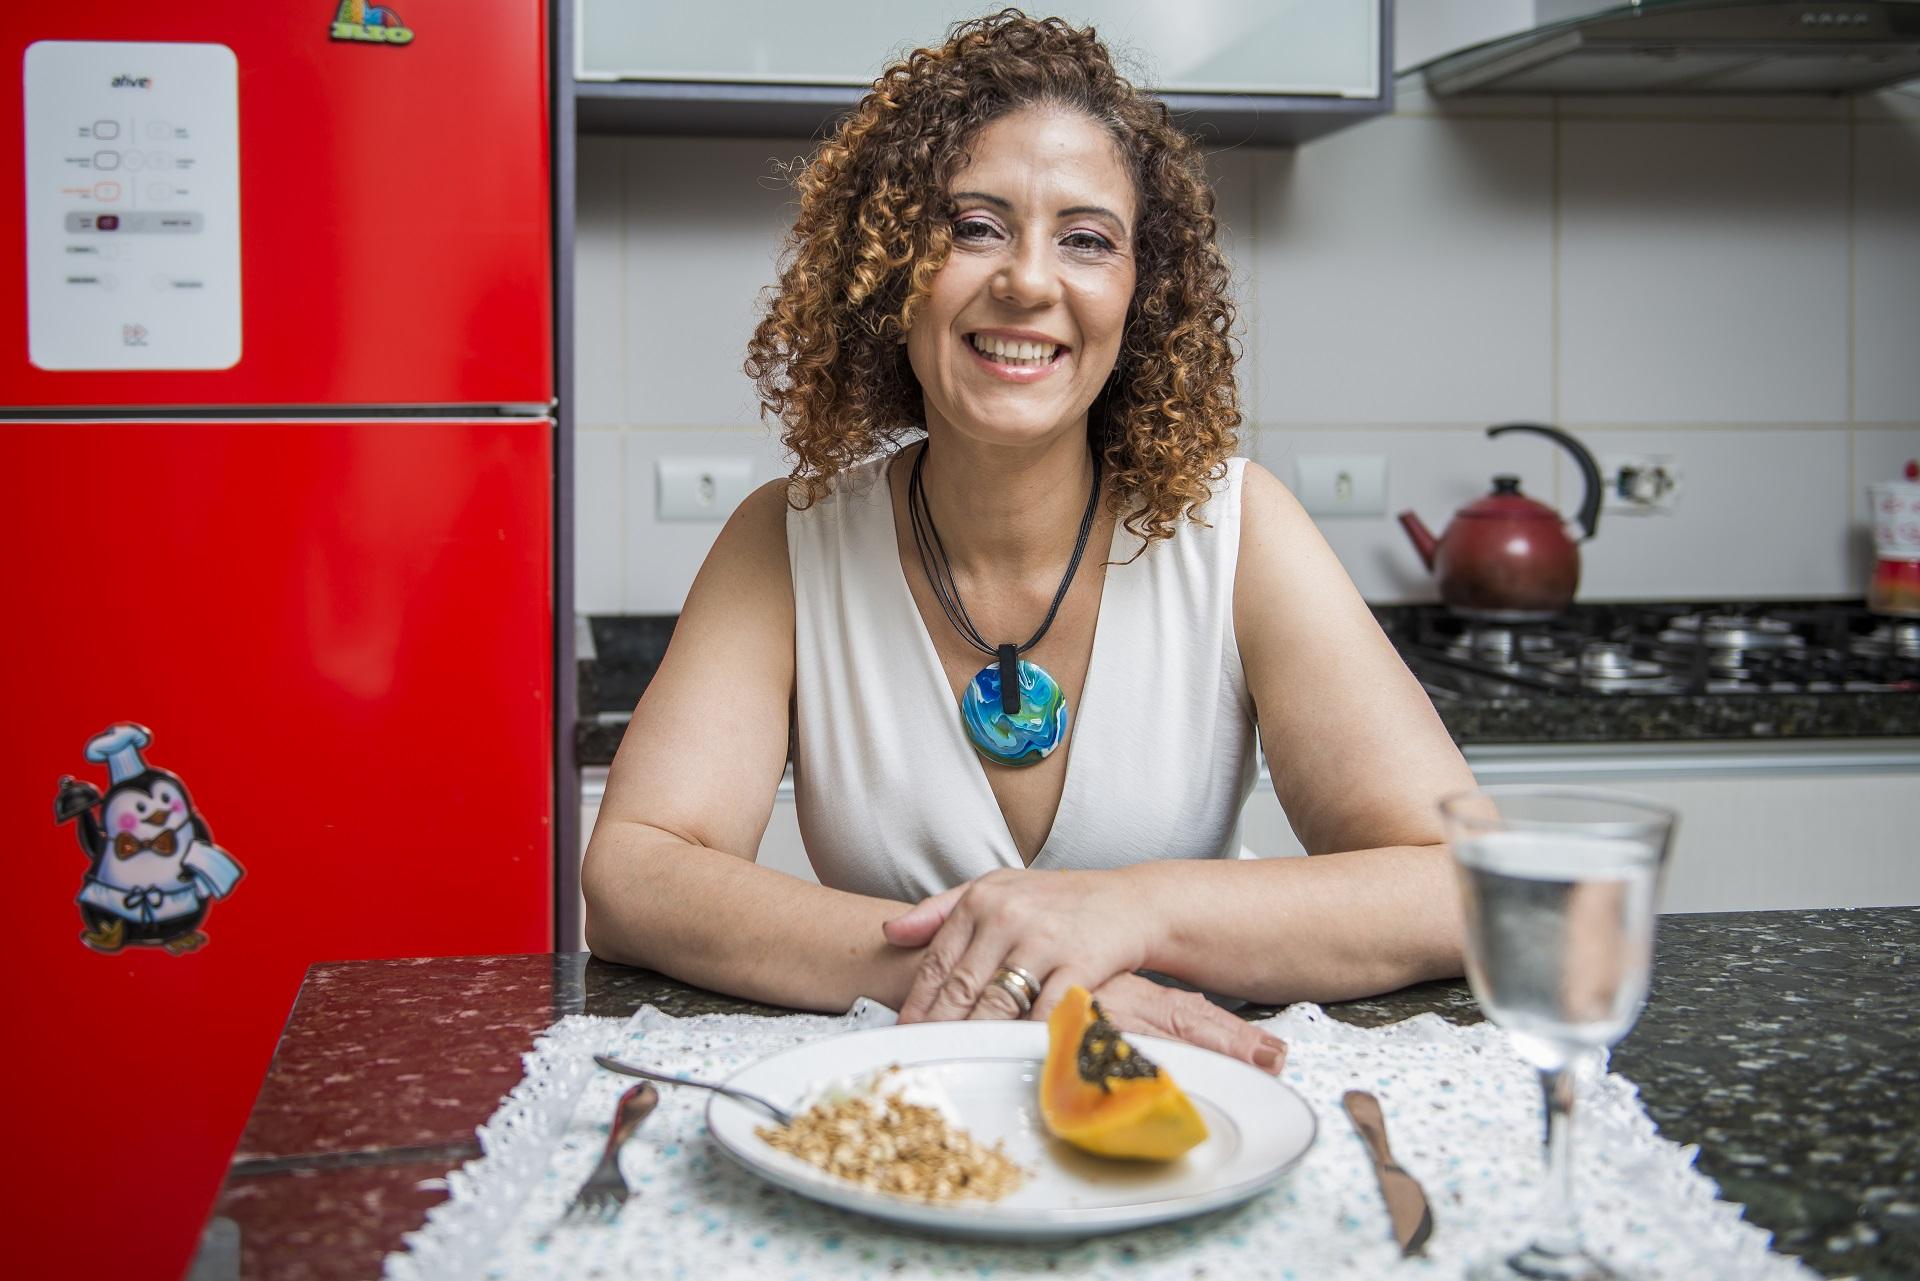 Byanca Kuminski tomava até dois litros de refrigerante por dia. Foto: Letícia Akemi/Gazeta do Povo